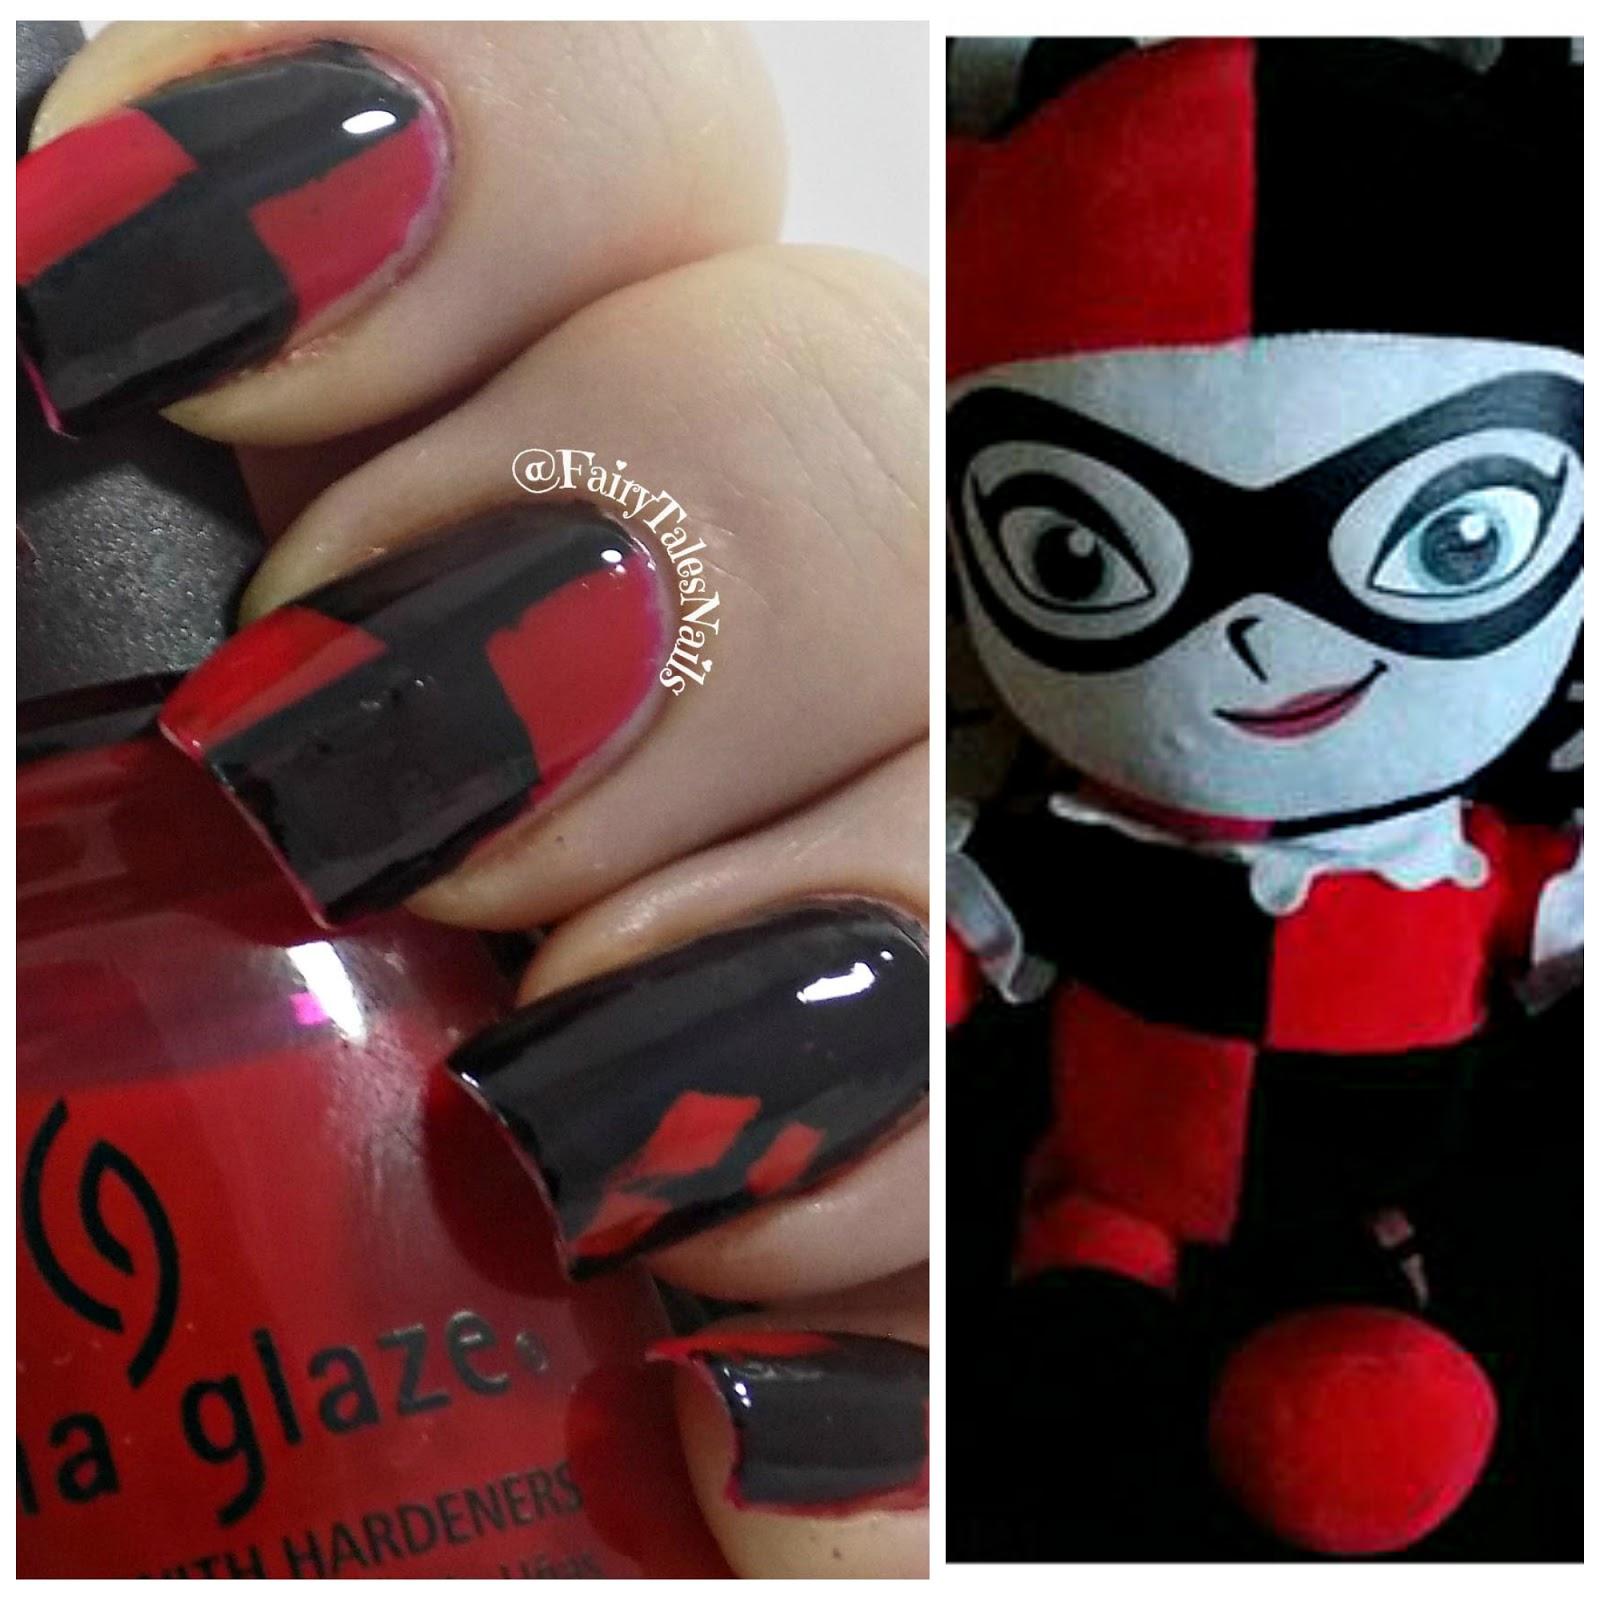 Fairytales Nails Harley Quinn Nail Art